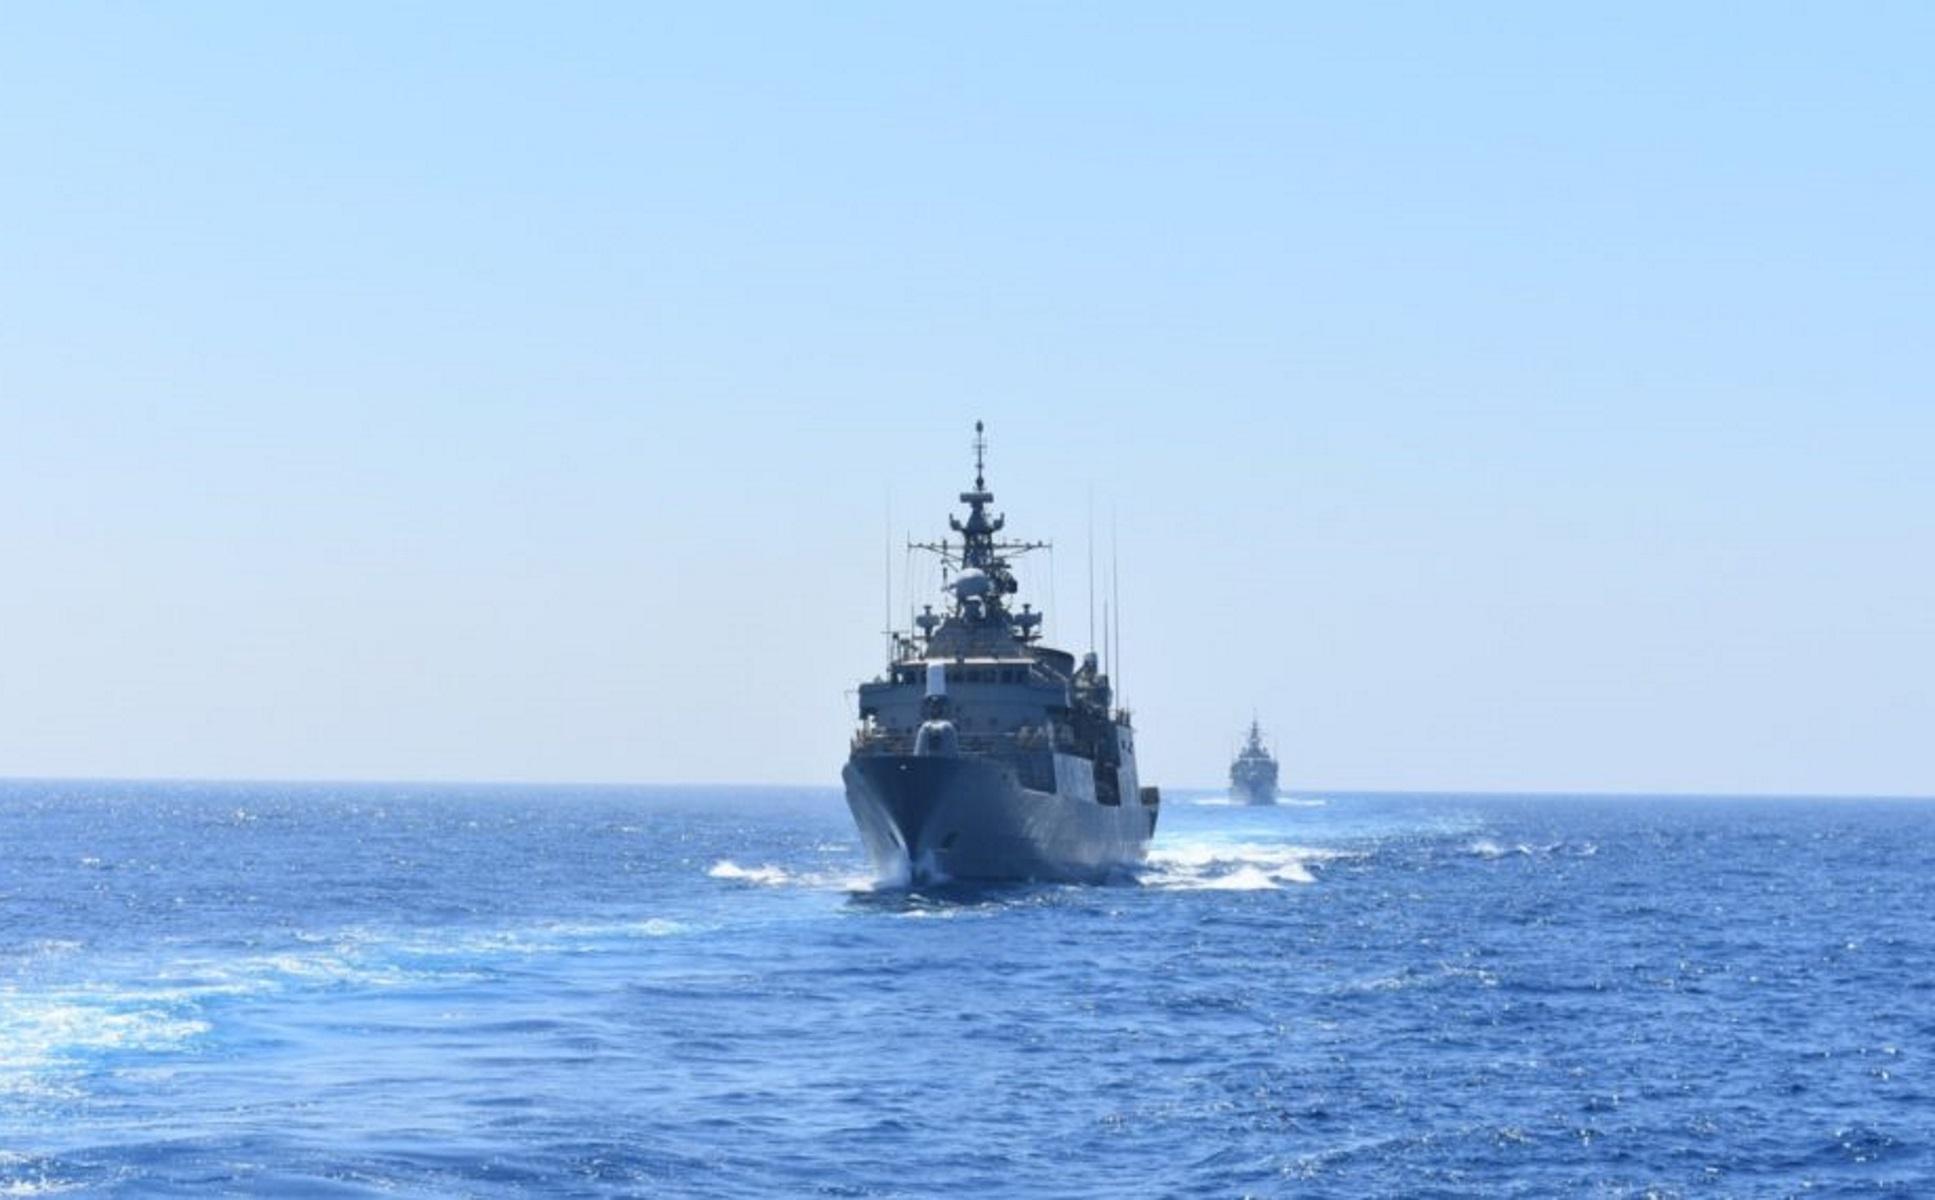 Ο τουρκικός στόλος ανάμεσα σε Ρόδο και Καστελλόριζο για άσκηση με πυρά